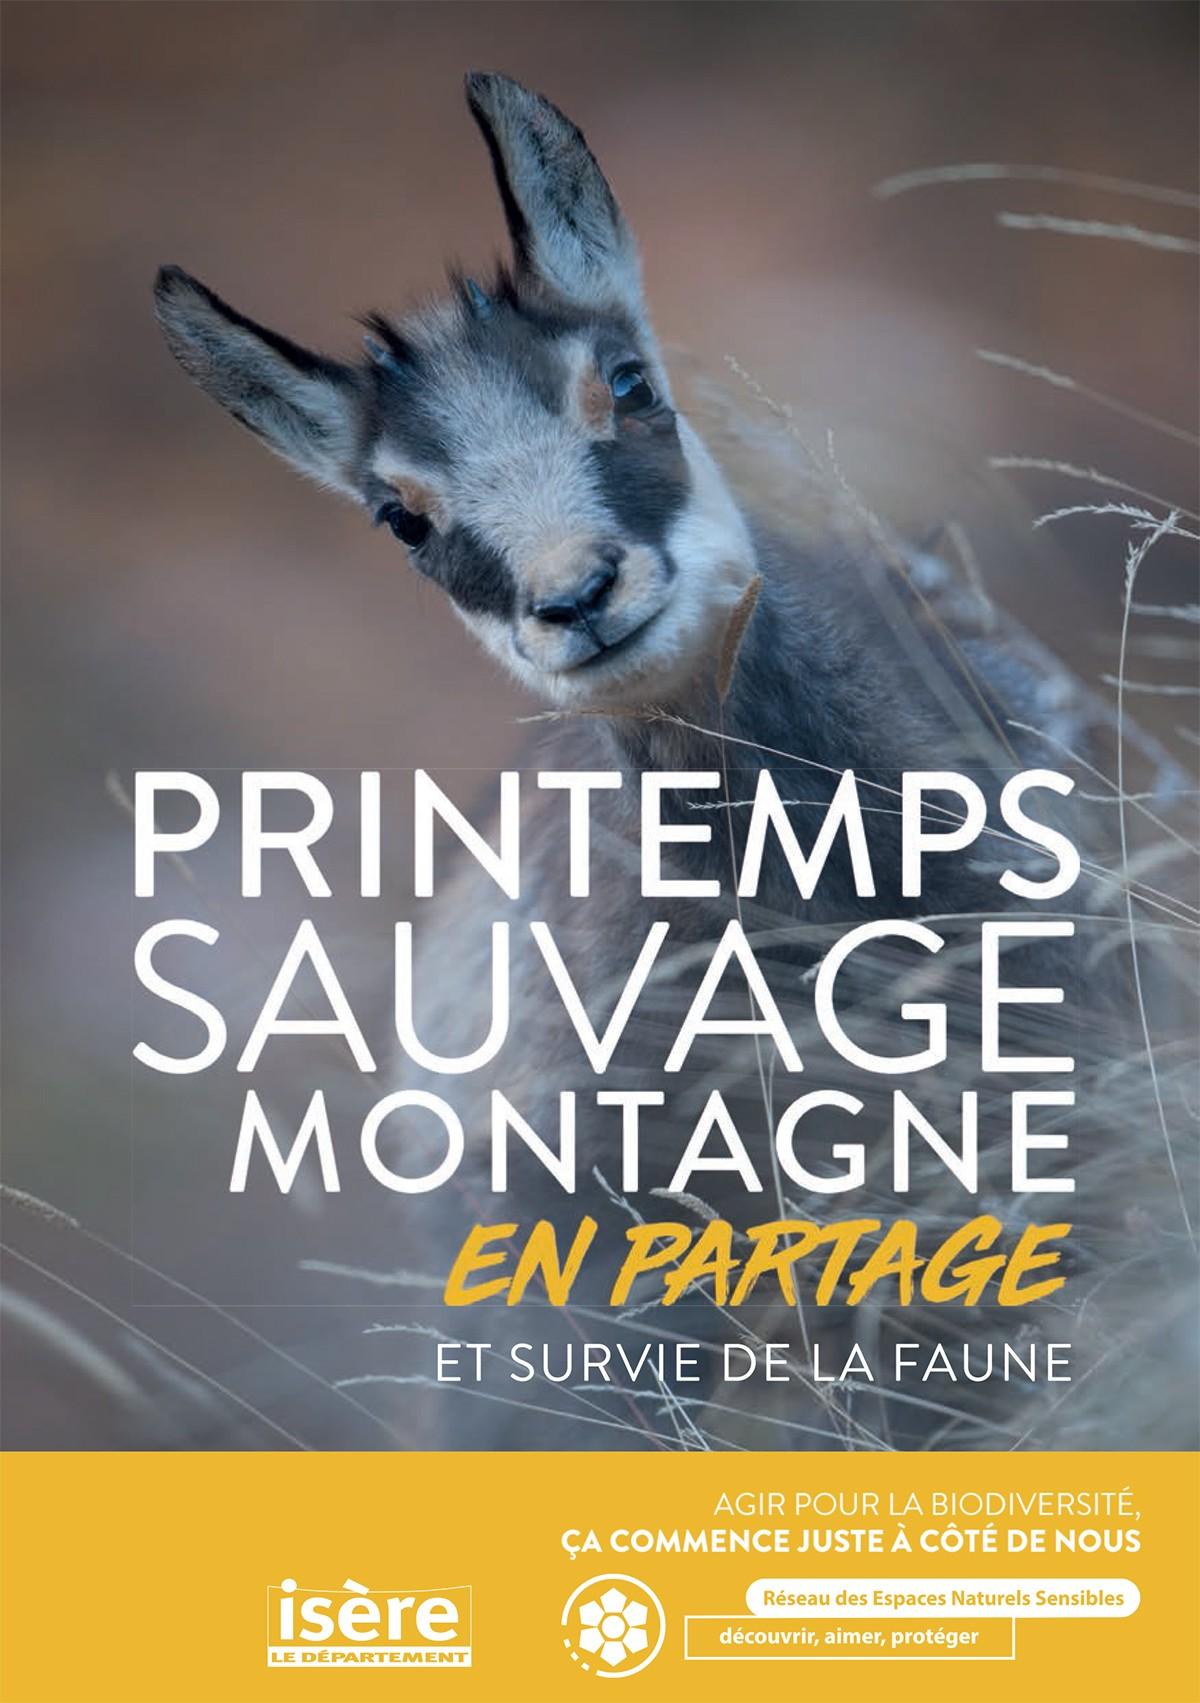 Photo exposition Printemps sauvage, montagne en partage